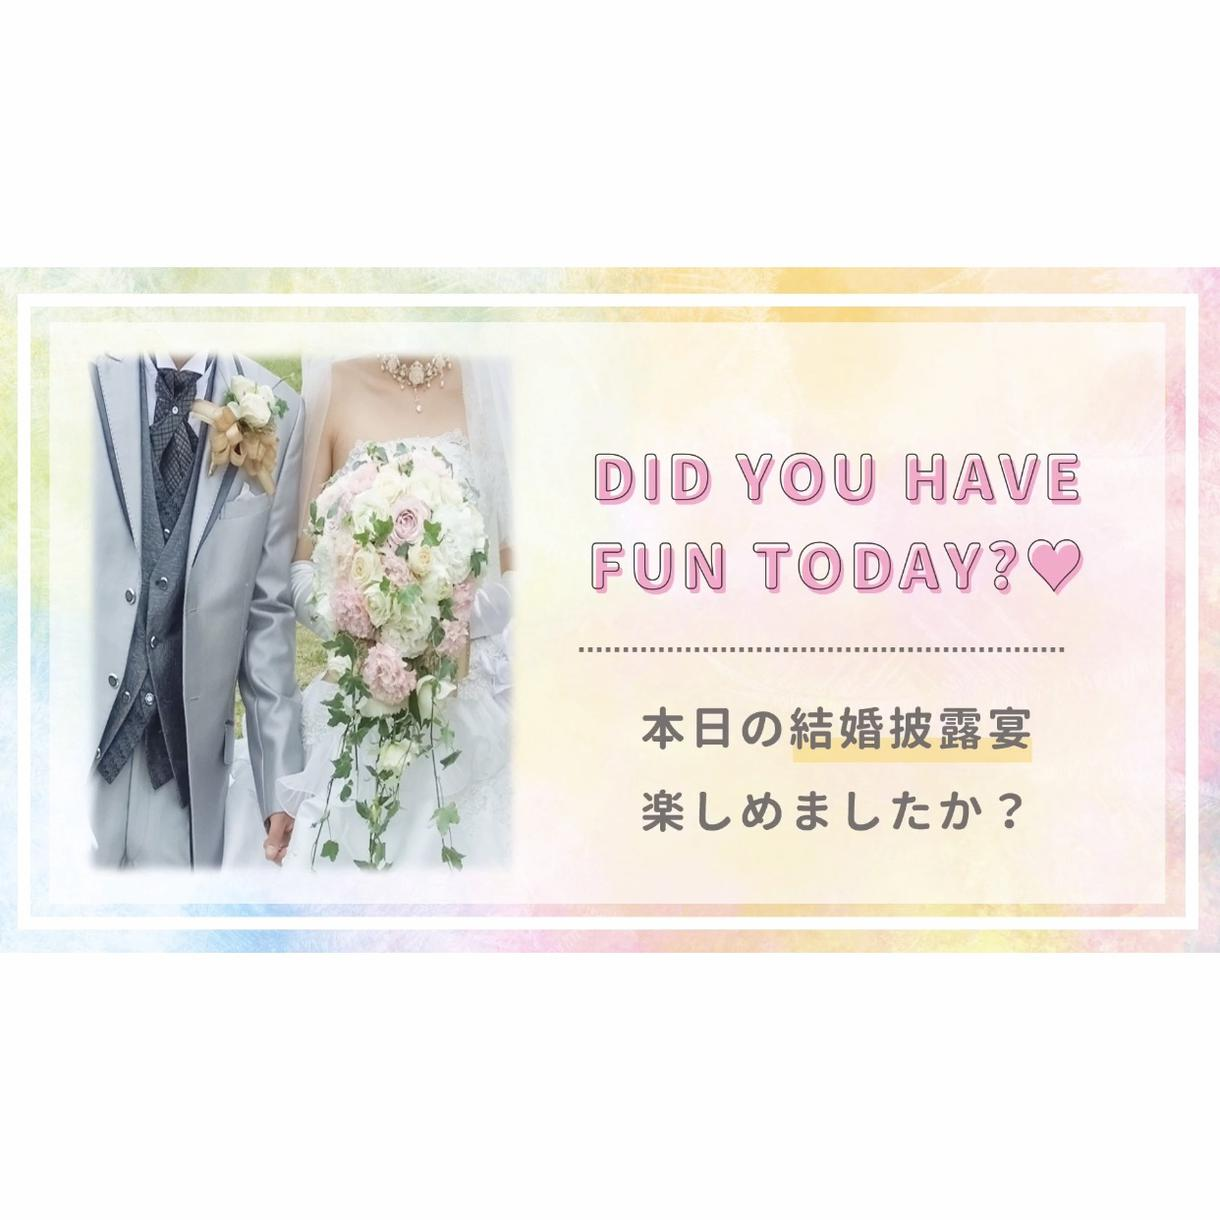 プロ品質★オシャレなエンディングムービー作ります 結婚式に♪シンプル×カラフルなウェディングムービー